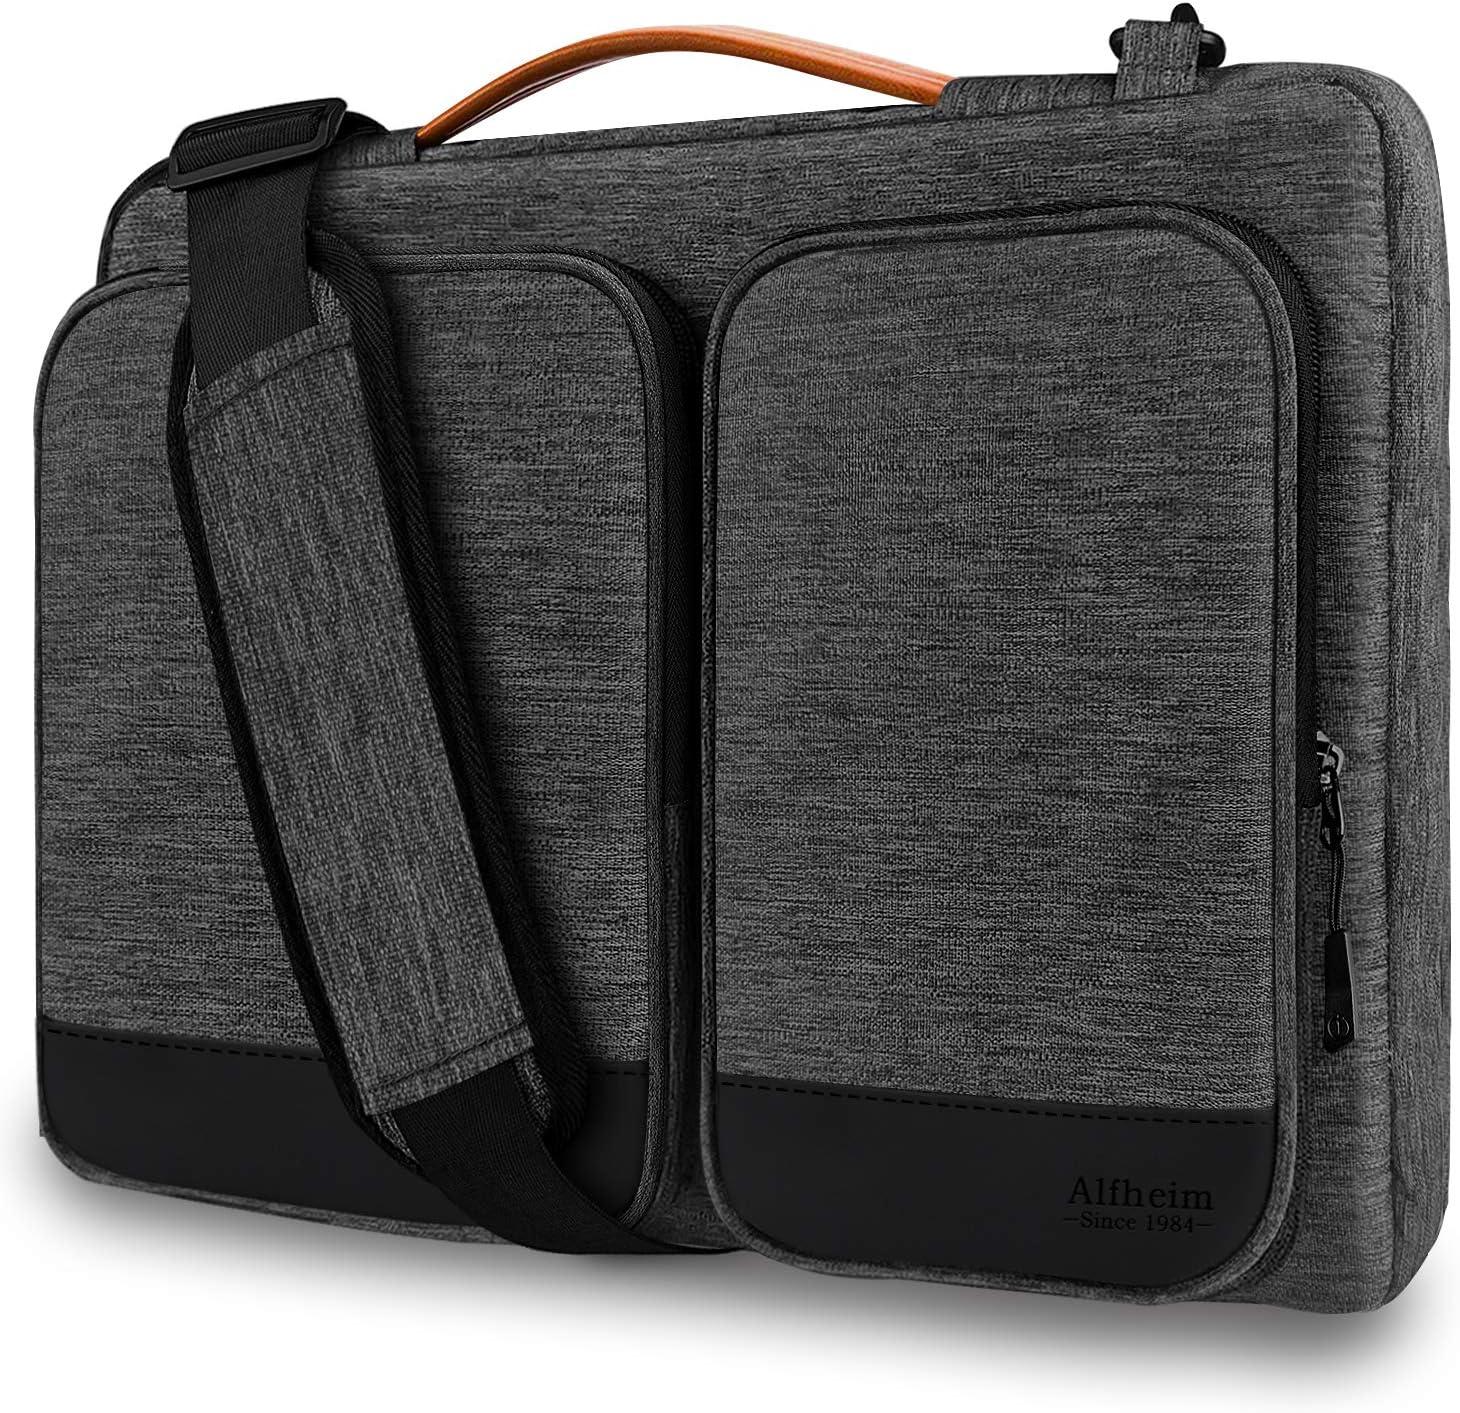 Alfheim 15.6-16 Pulgadas Funda para portátil Maletín, Impermeable Ligero Bolsa de Hombro, Protectora 360° Compatible con 15.6 Pulgadas Acer/DELL/ASUS/Thinkpad/Samsung (Gris Claro)